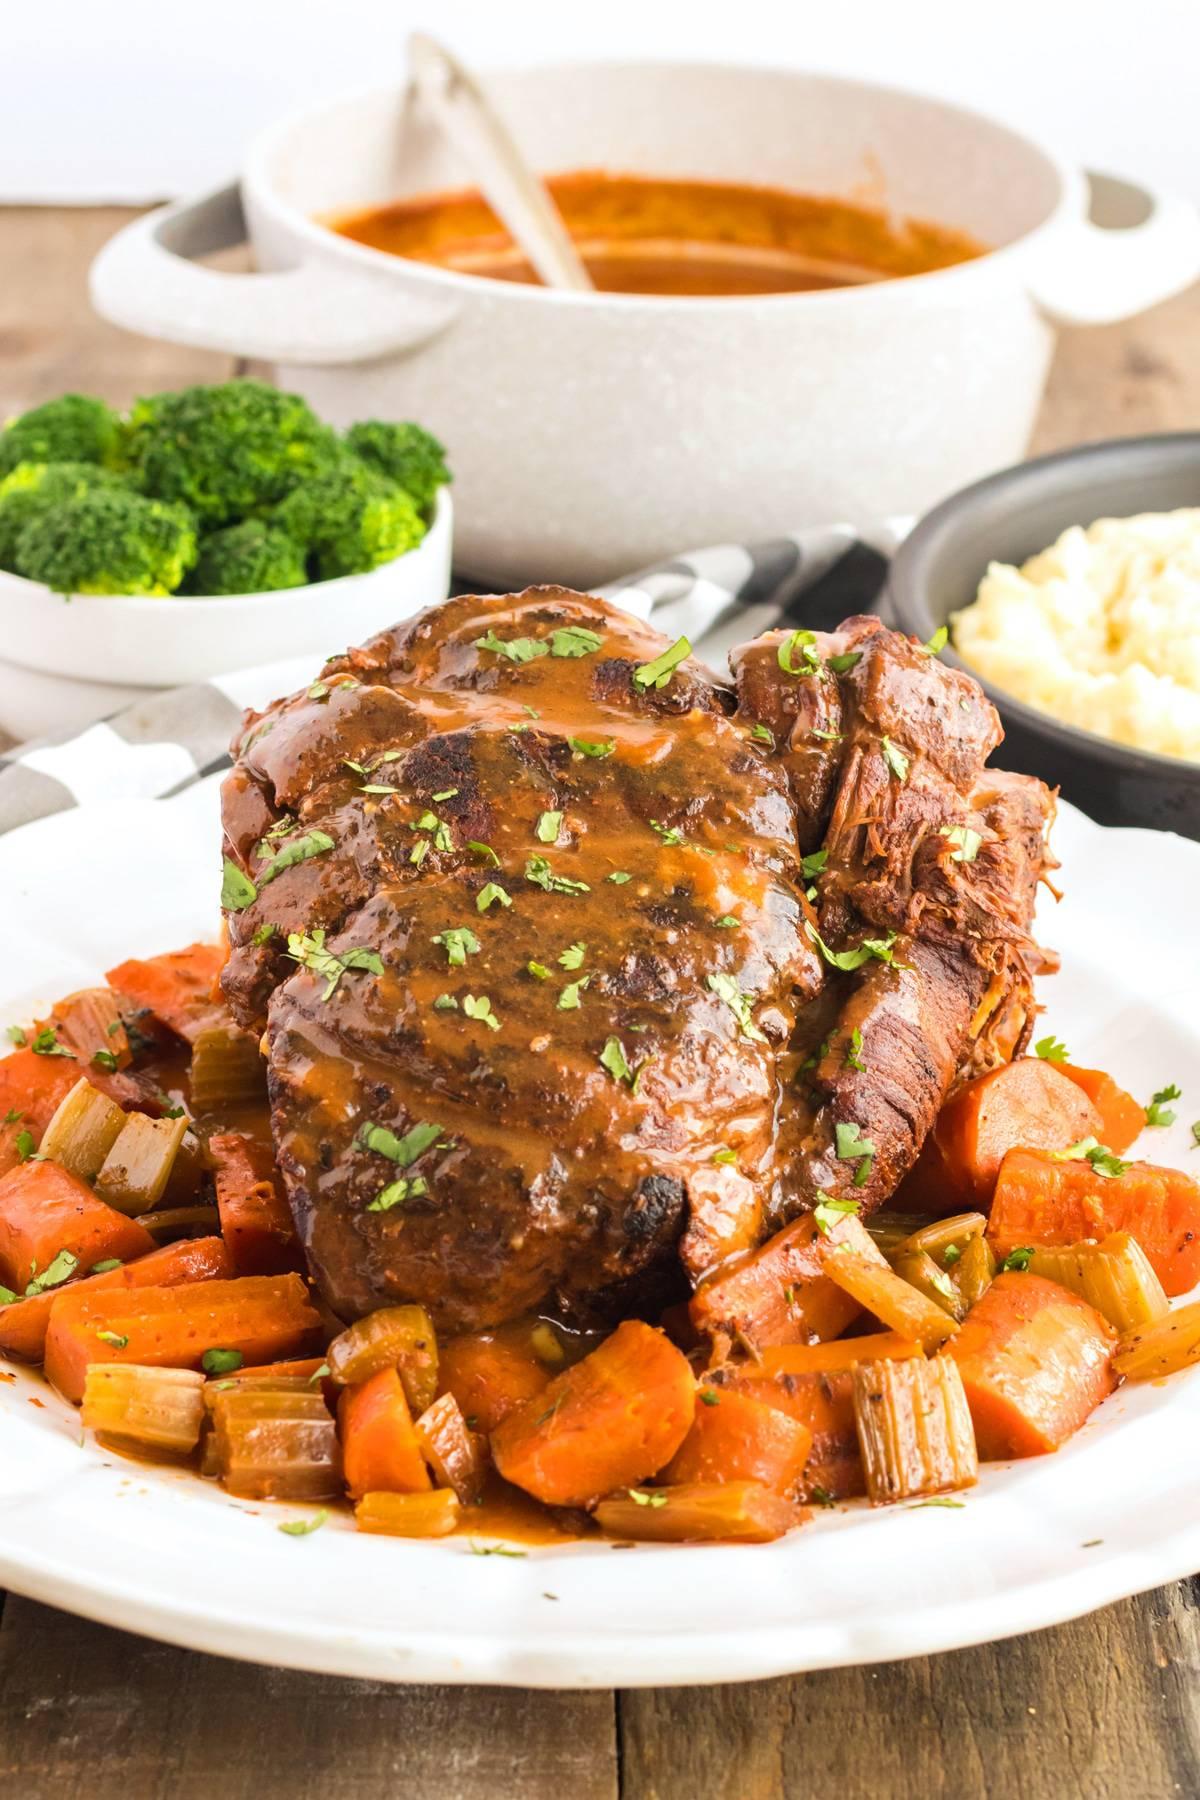 Best Slow Cooker Pot Roast The Daring Gourmet